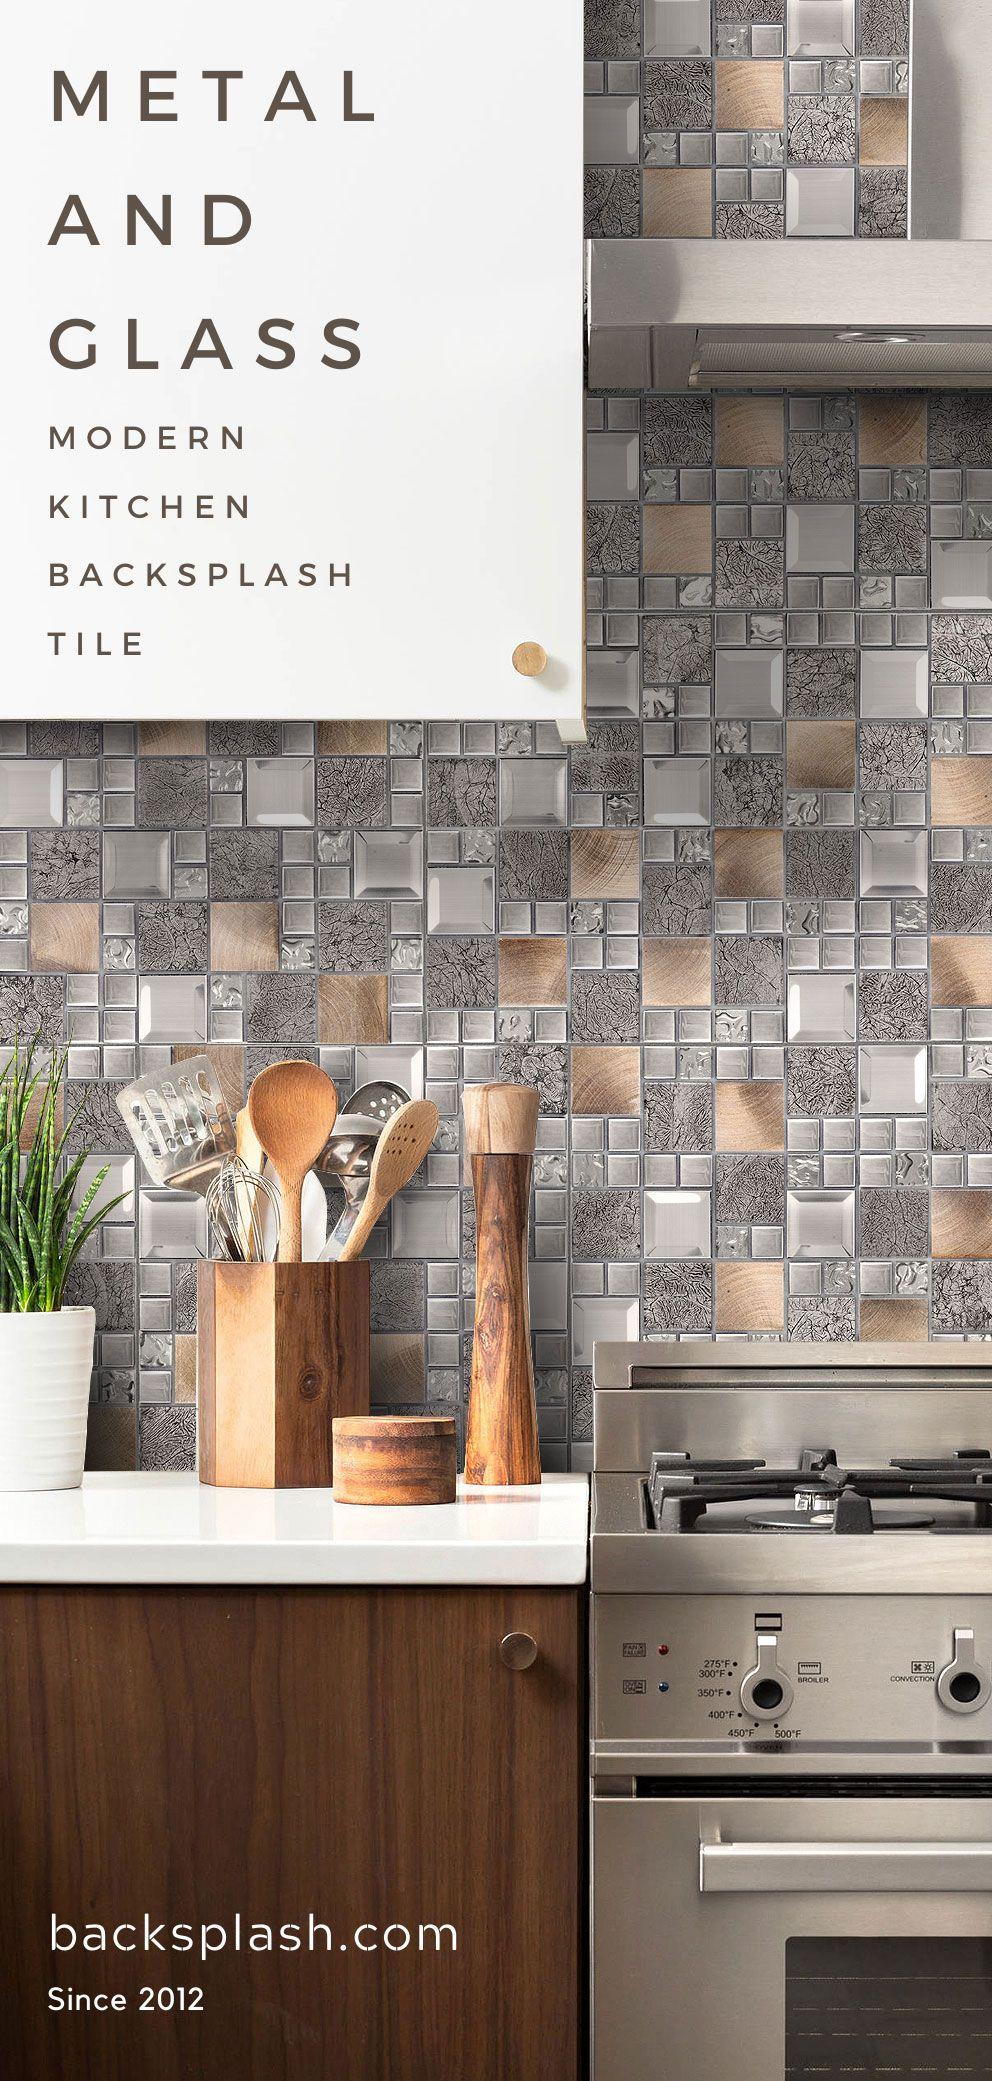 Glass Metal Gray Copper Mosaic Backsplash Tile Backsplash Com Kitchen Backsplash Trends Copper Mosaic Backsplash Tile Backsplash